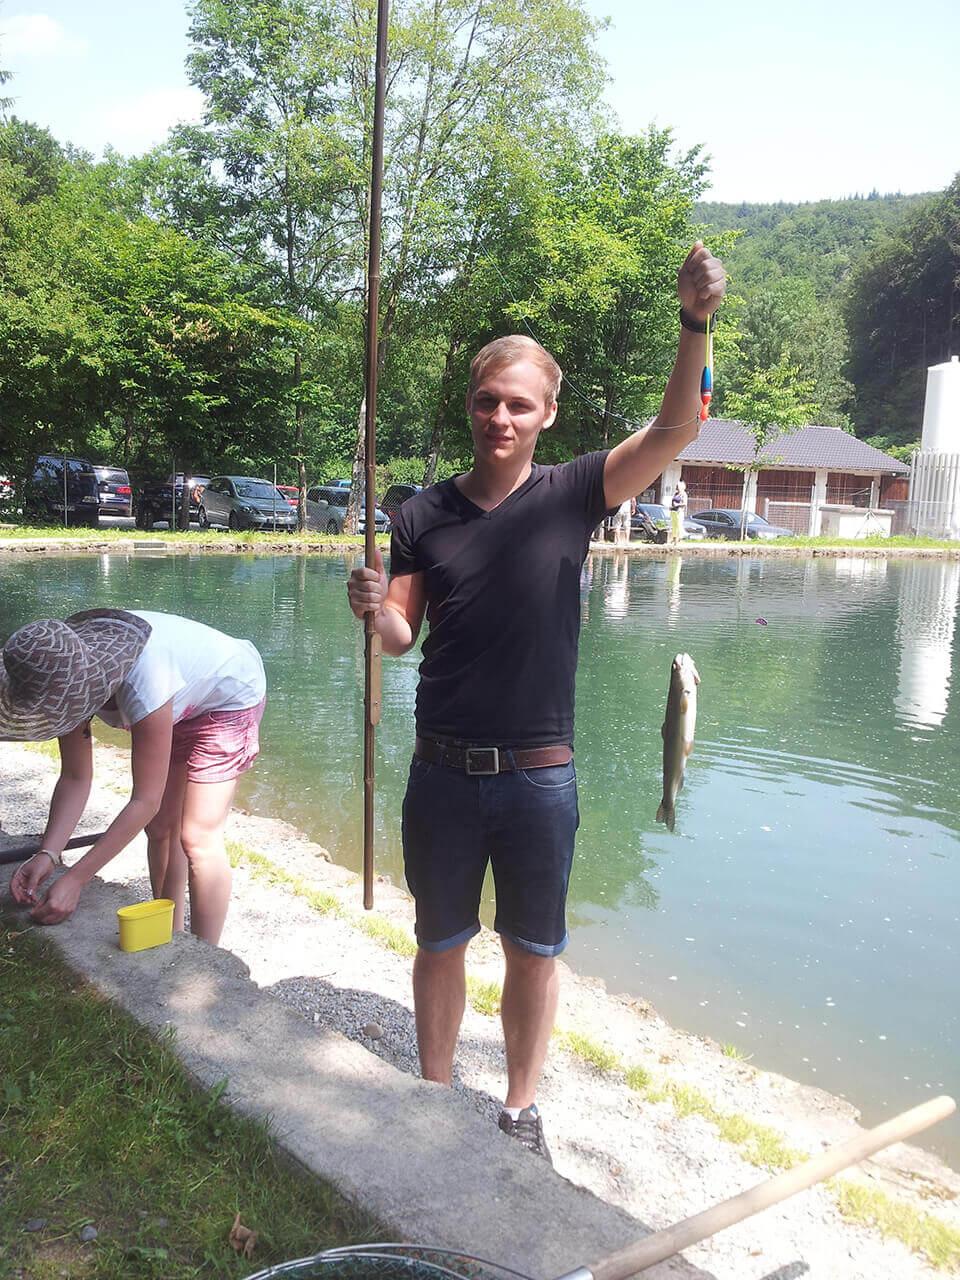 Agenturausflug Fischen